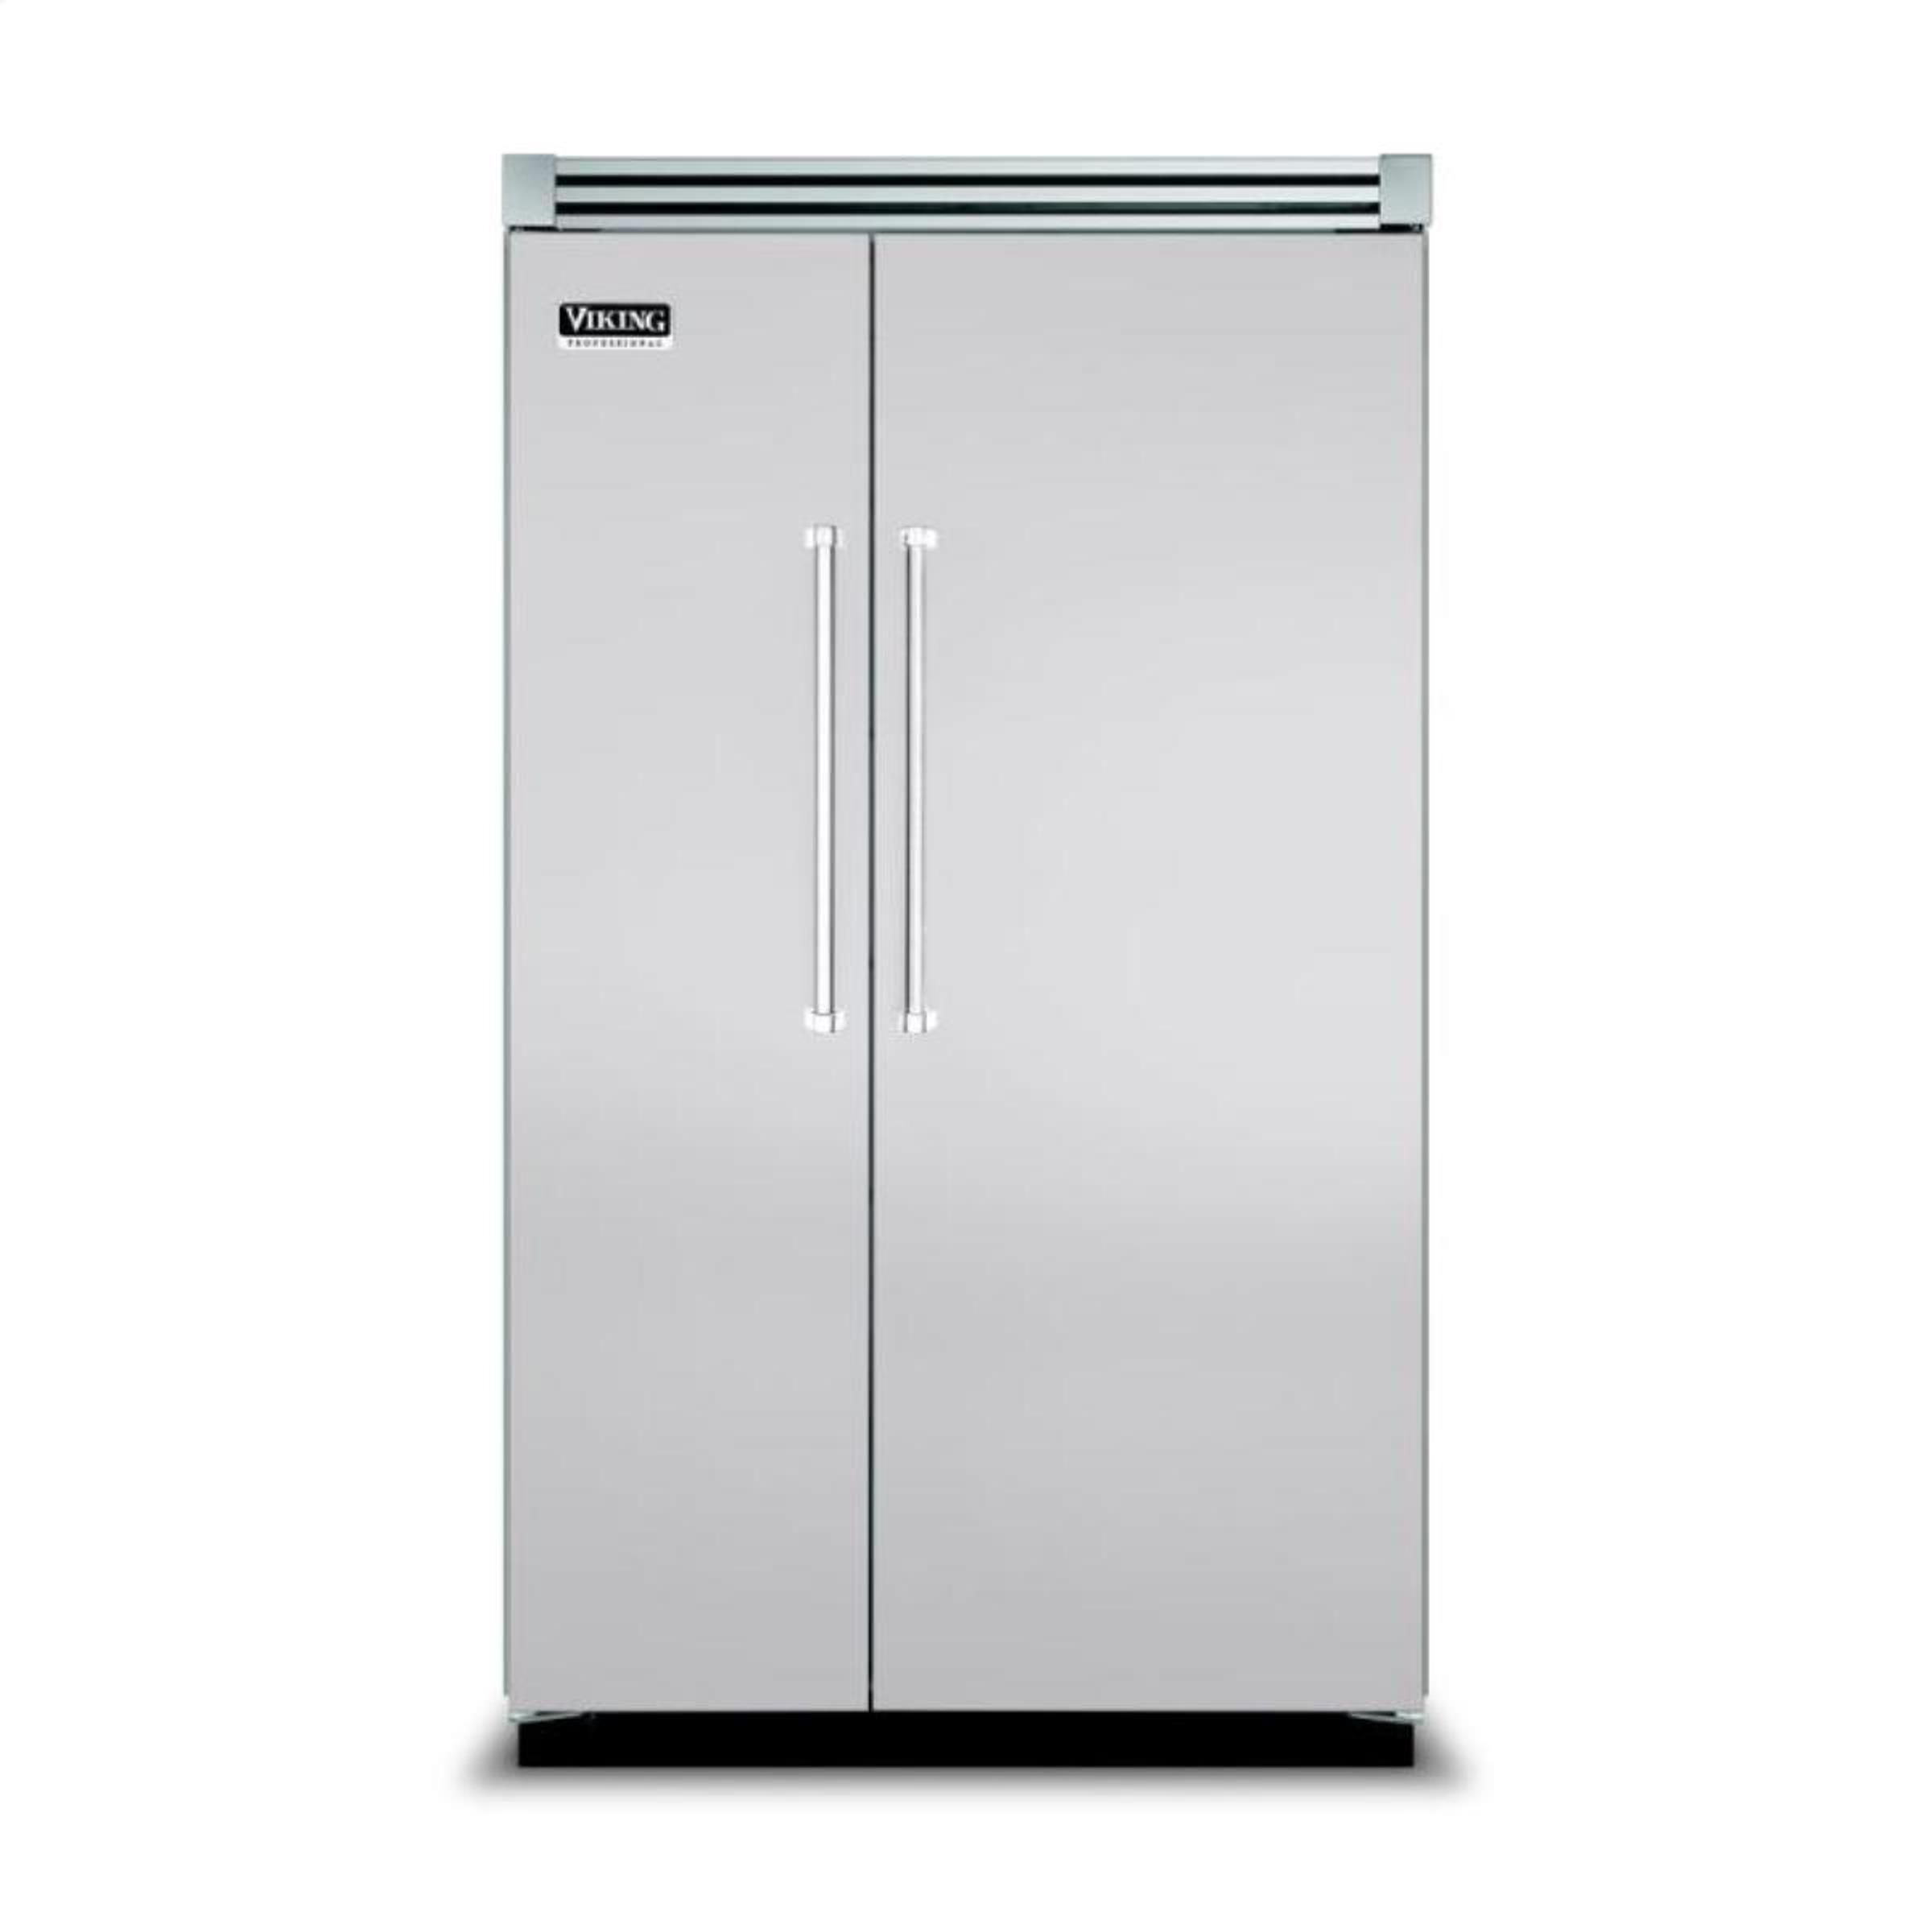 frigo congelatore doppia porta 122 cm elettrodomestici a. Black Bedroom Furniture Sets. Home Design Ideas